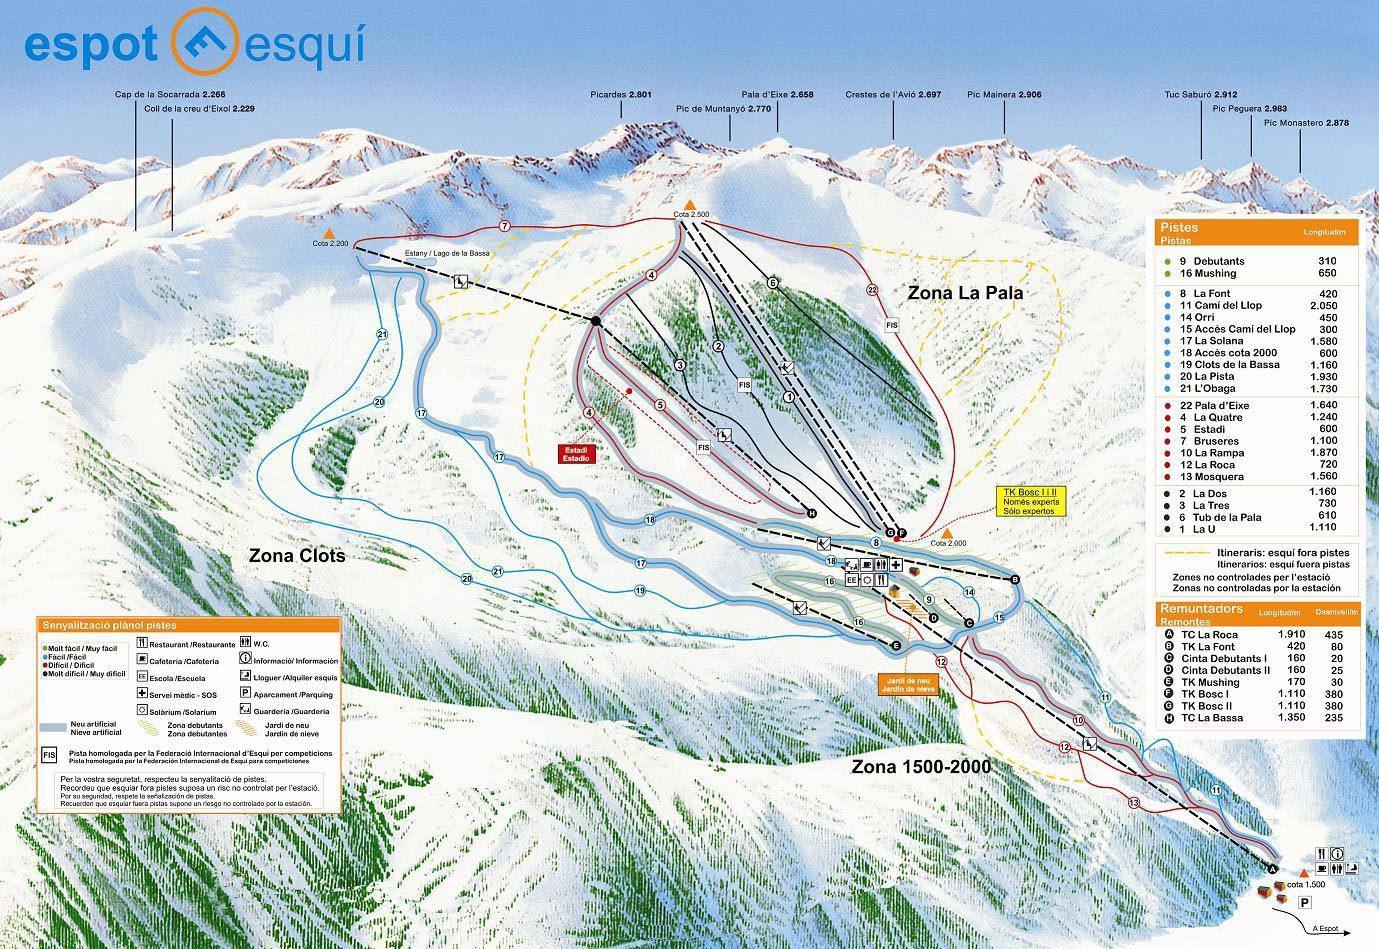 espot ski: